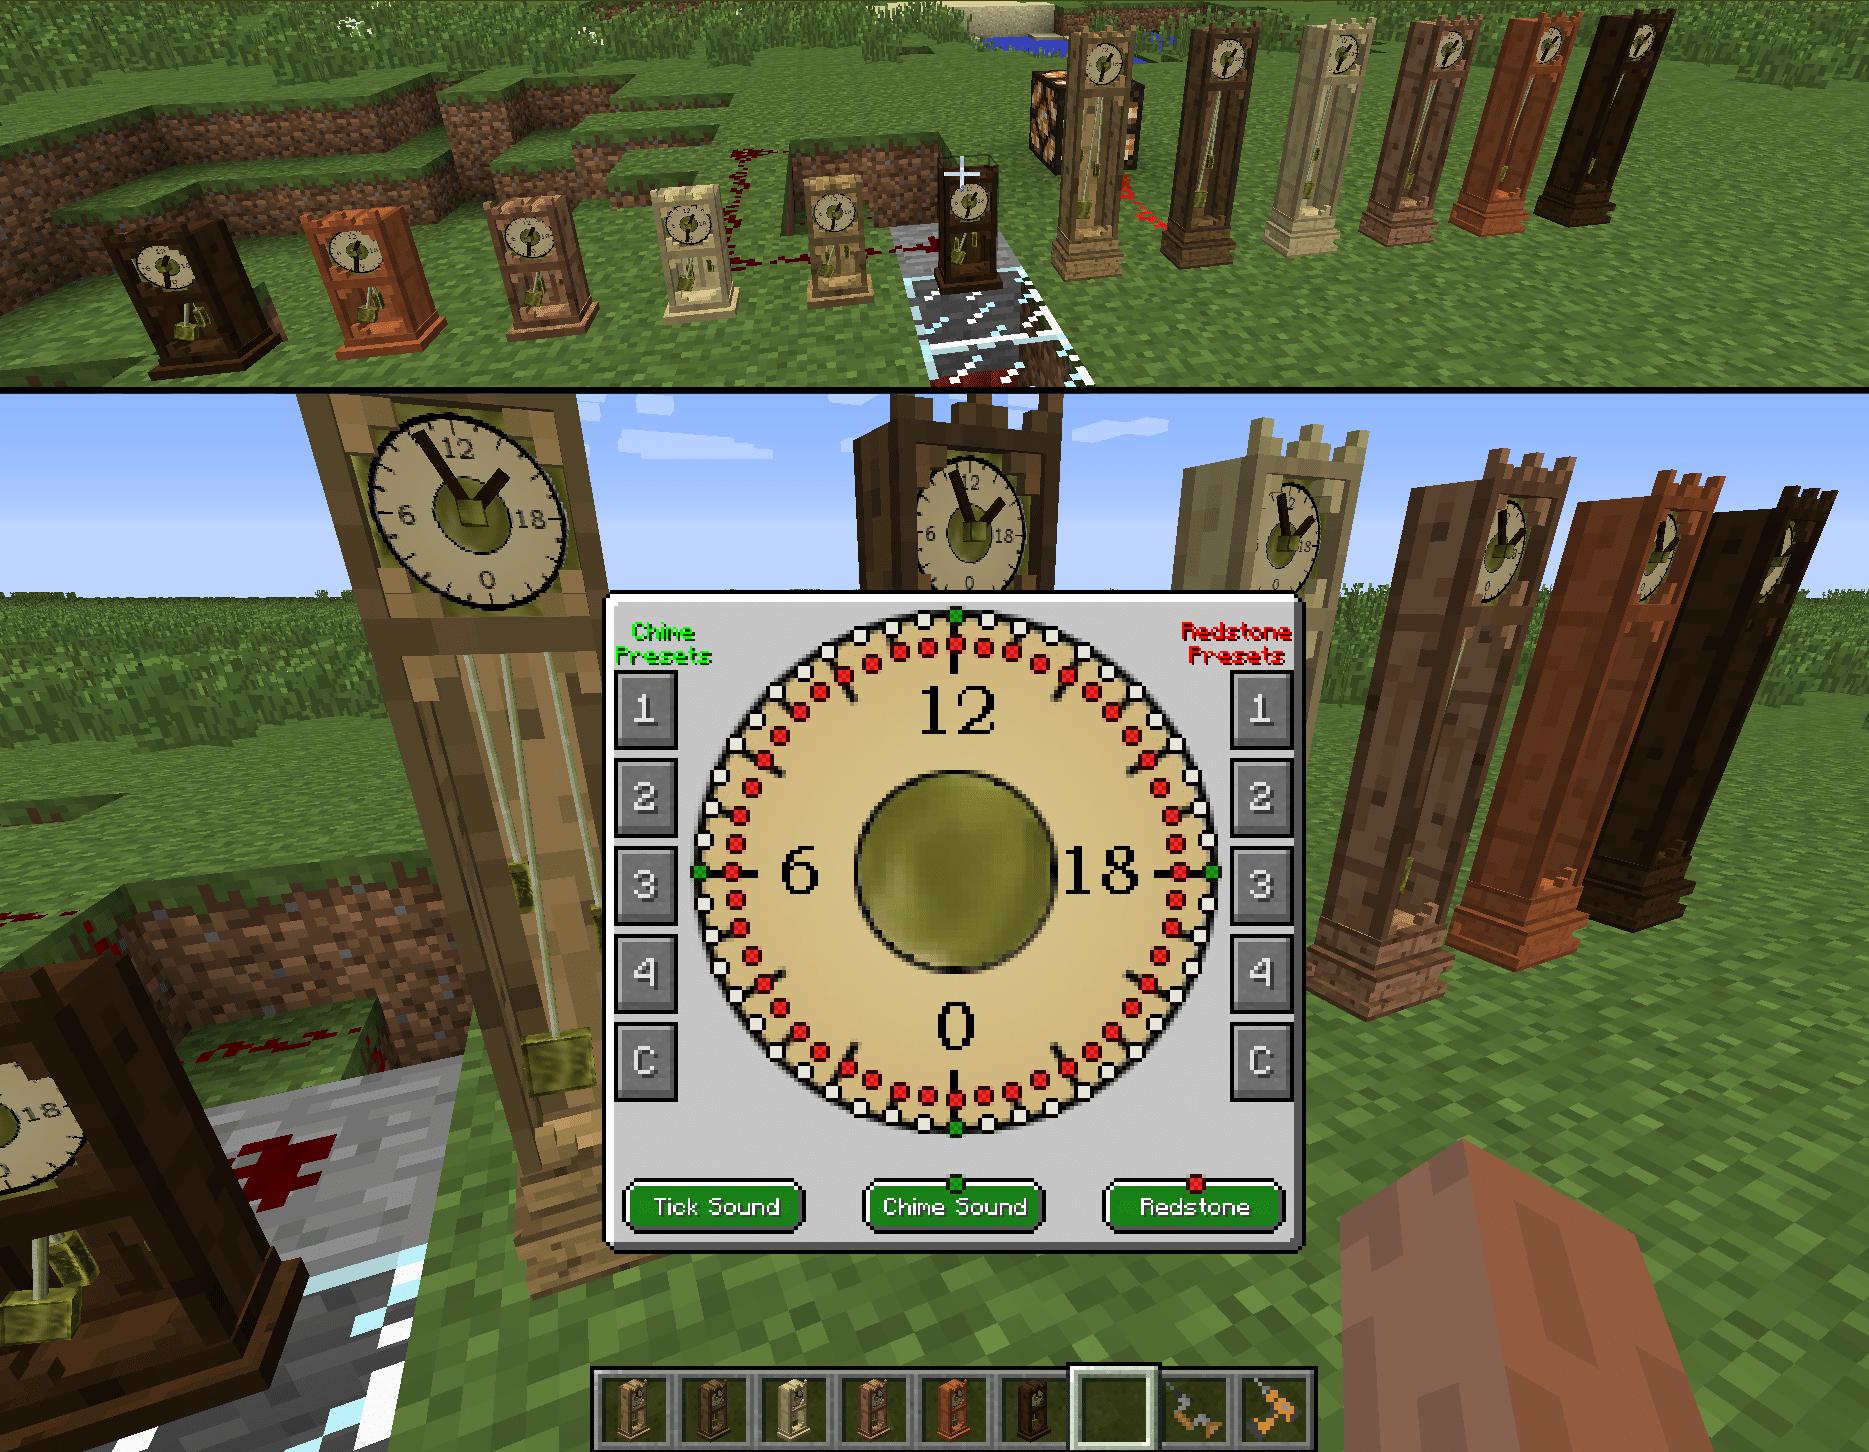 Bibliocraft - Clock - GUI